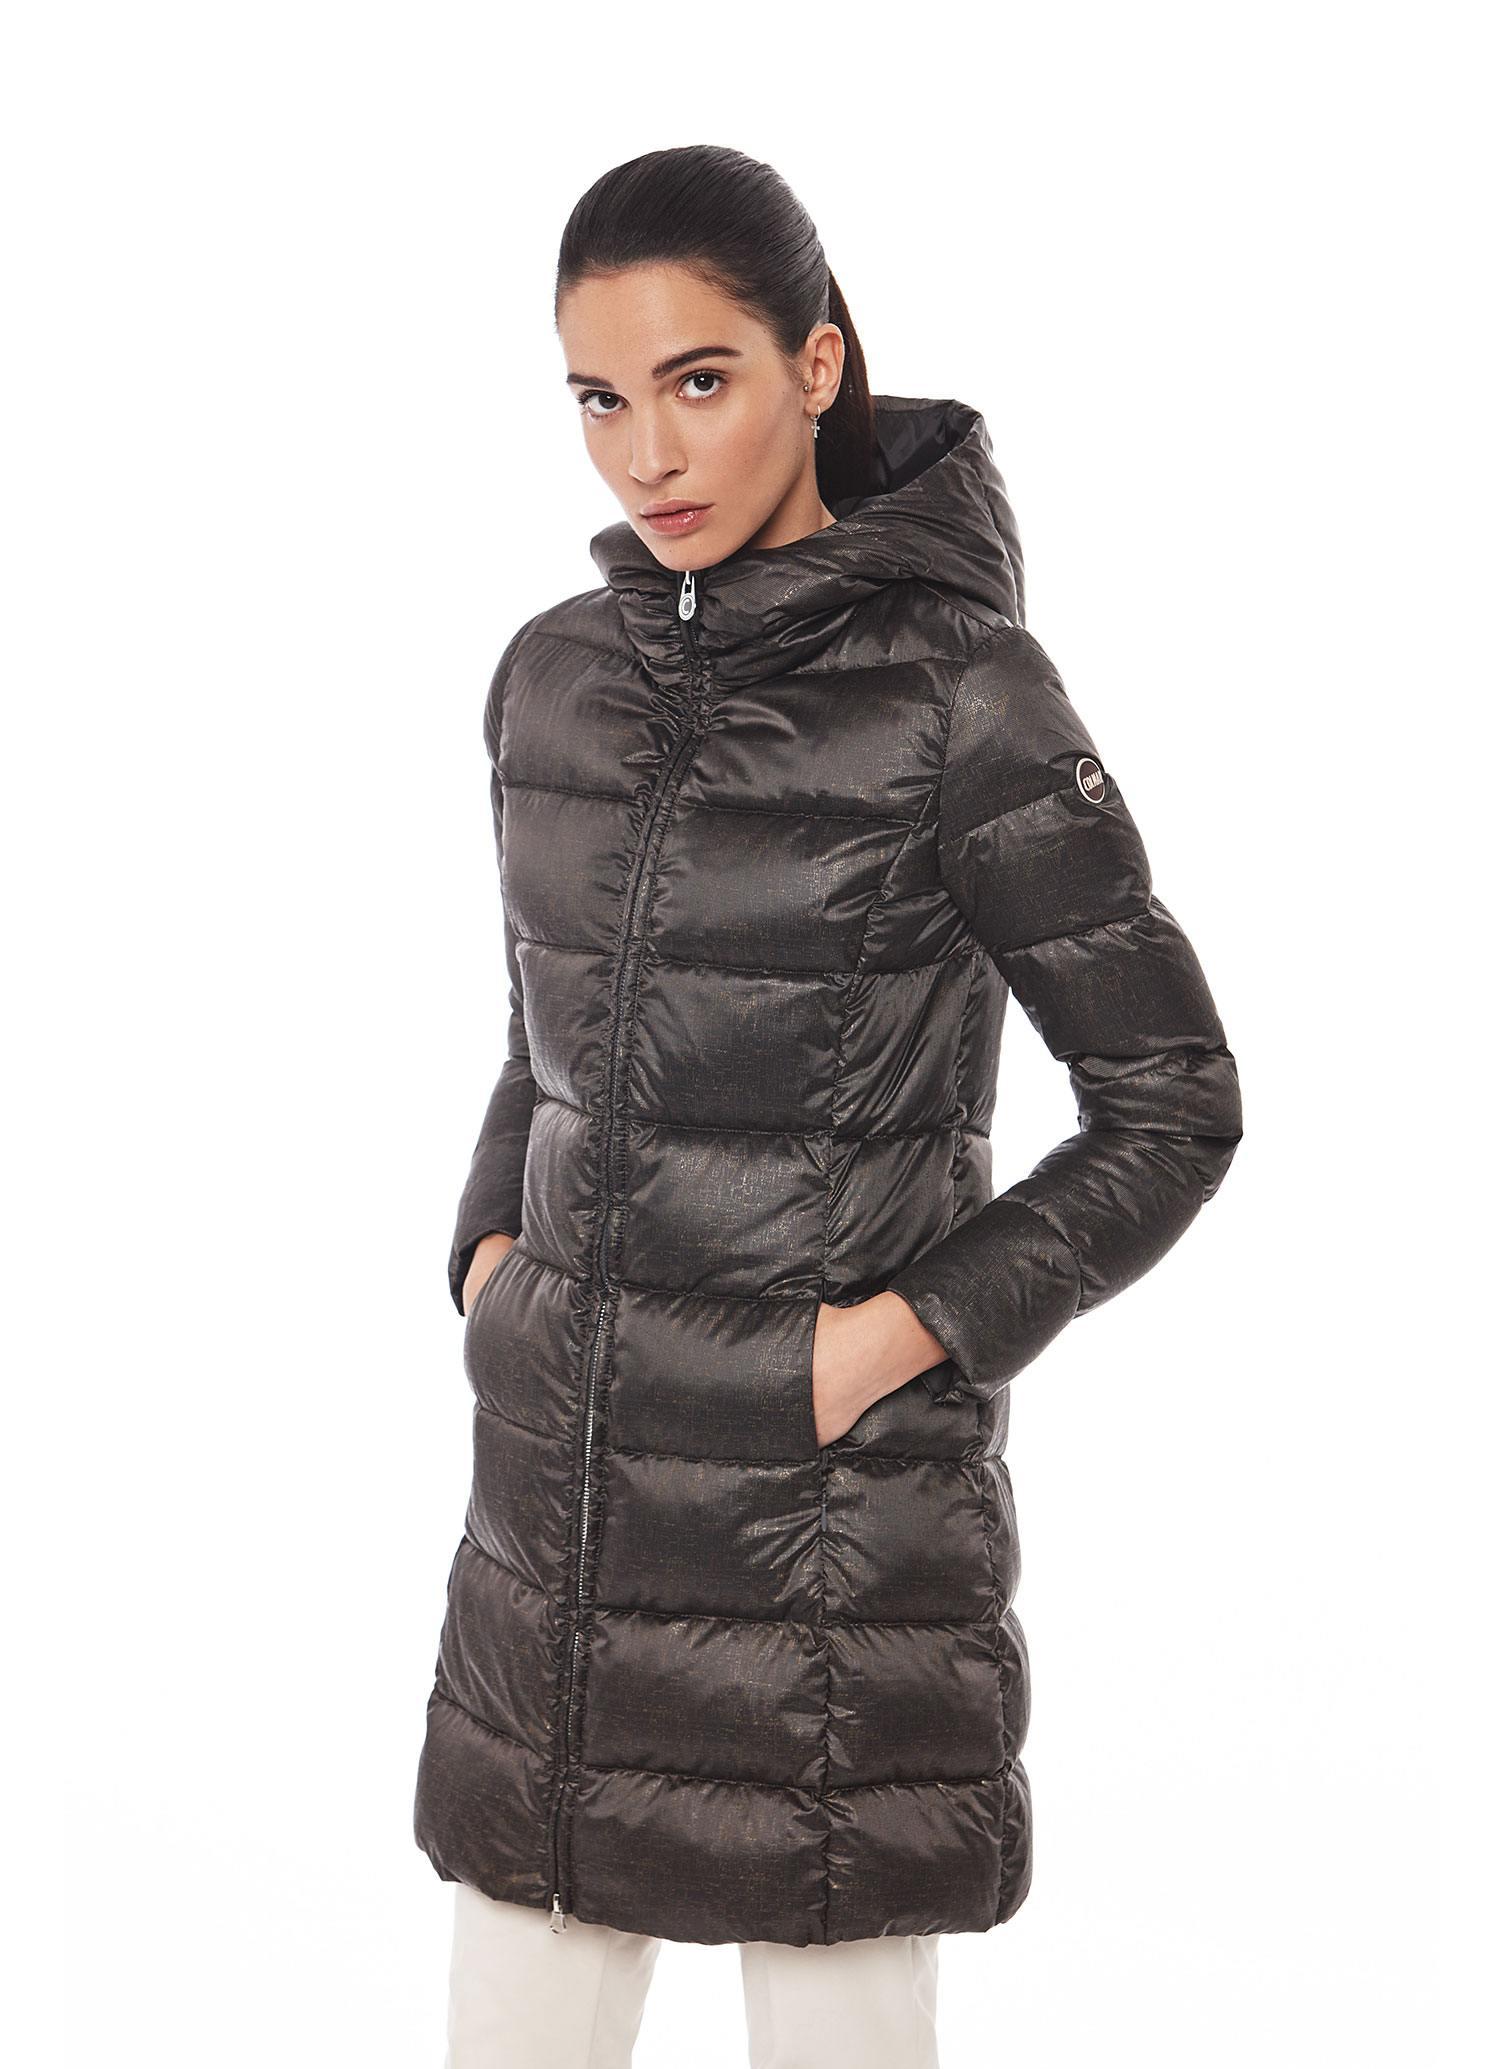 huge discount 12a61 fbe46 Piumini Colmar Inverno 2016 2017: Catalogo Prezzi Donna ...